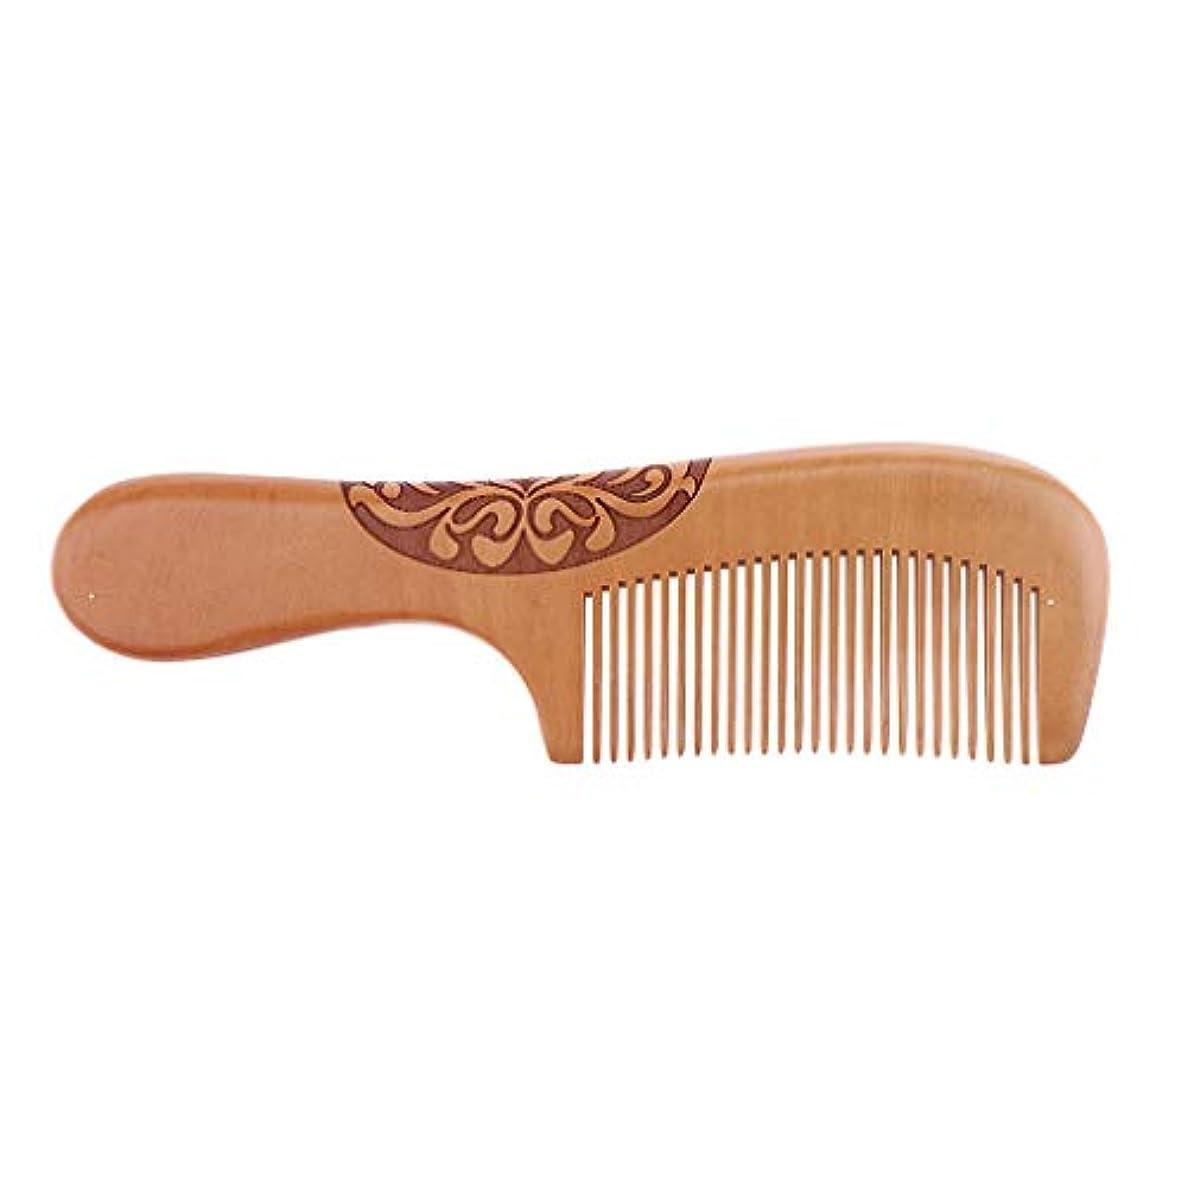 スペイン語プロットエール木製櫛 コーム ヘアケア ヘアブラシ ナチュラル 木製 マッサージ櫛 4タイプ選べ - H